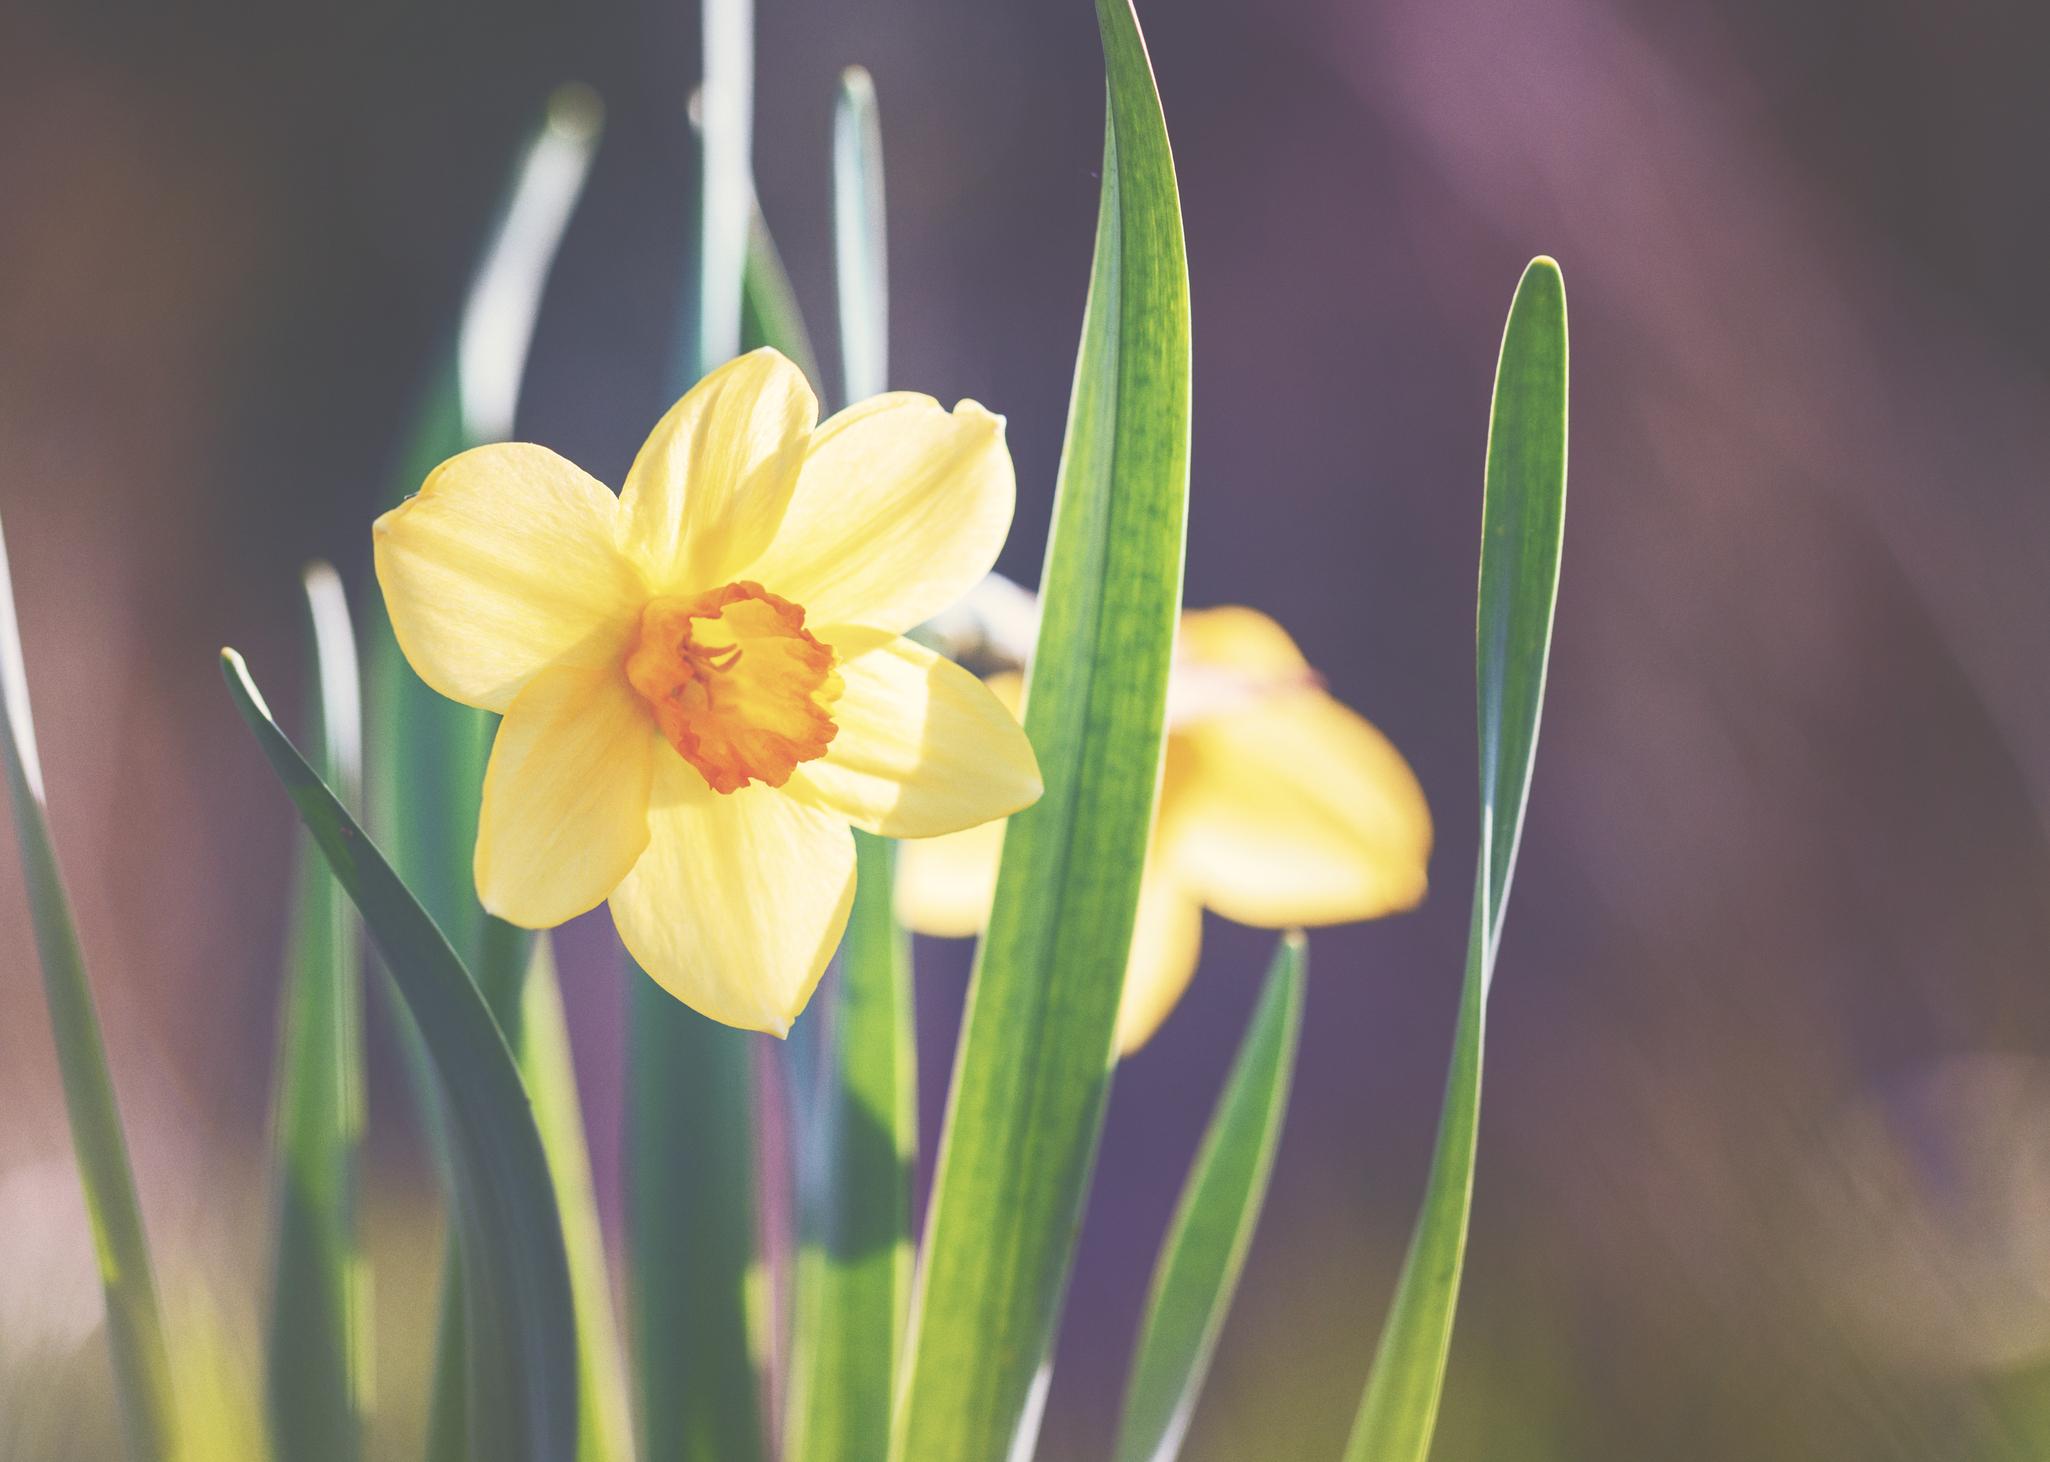 Spring Equals Hope